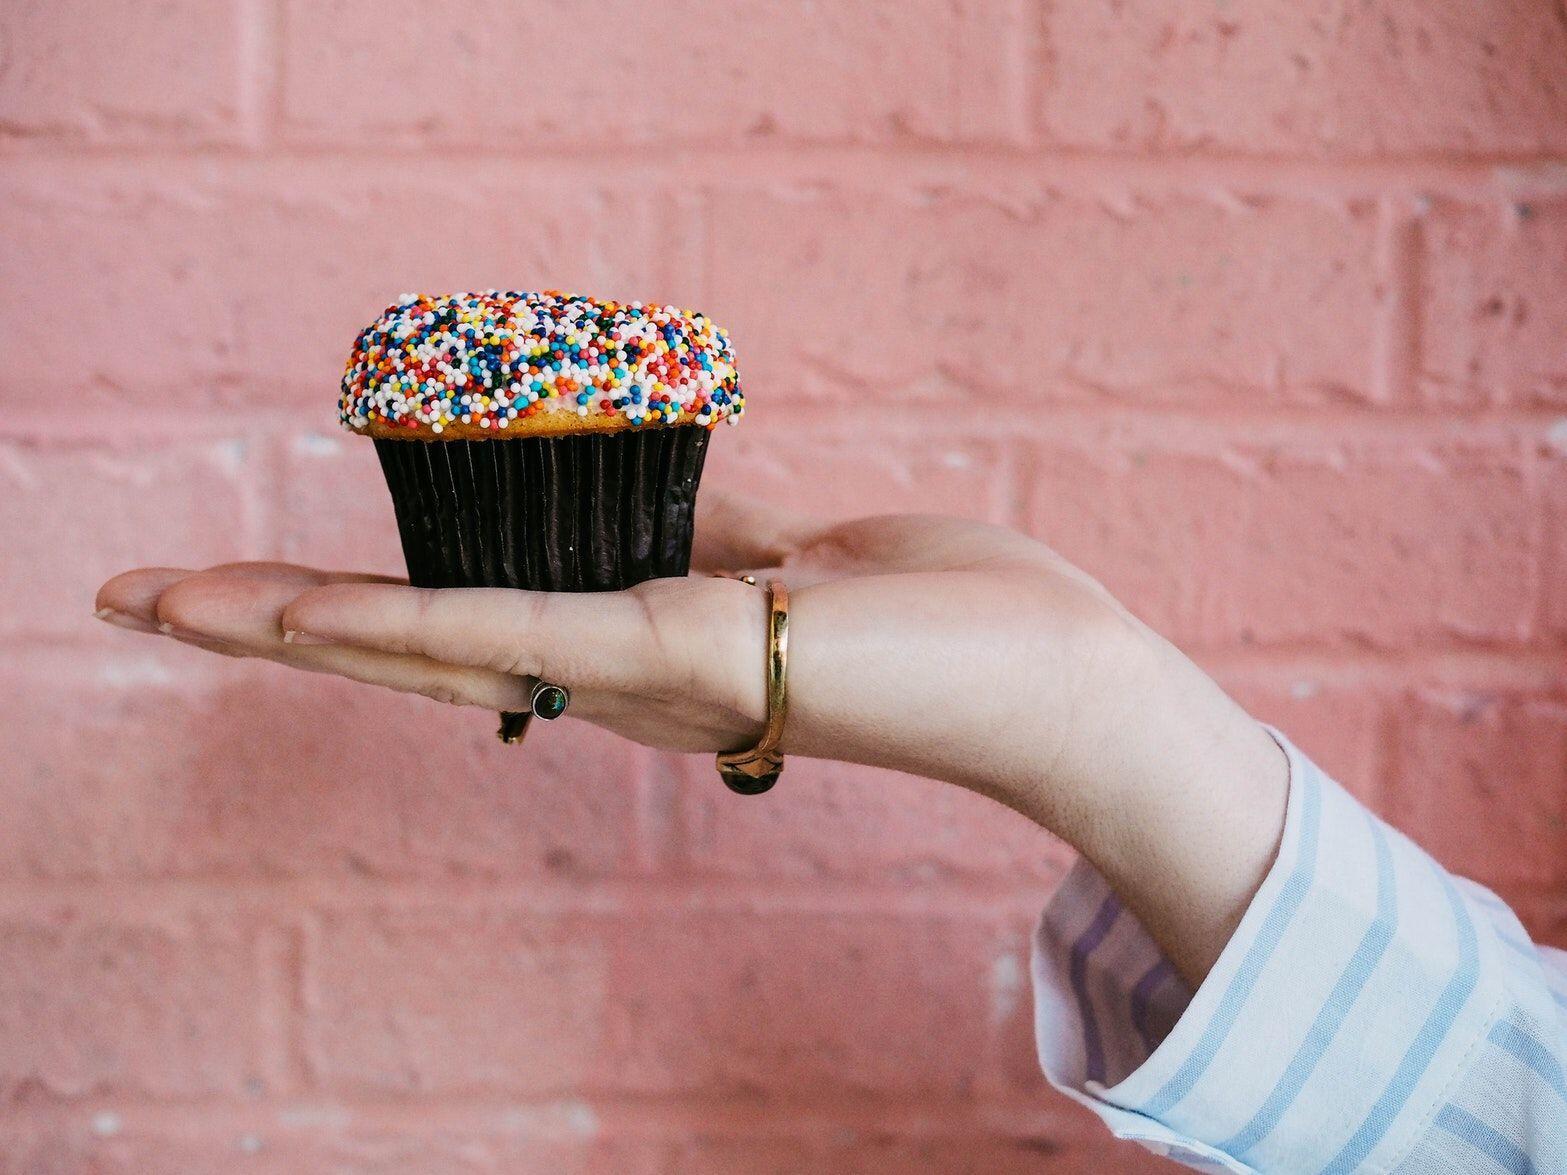 Gula Berlebihan Itu Gak Baik, Kurangi Dengan 5 Tips Ini!